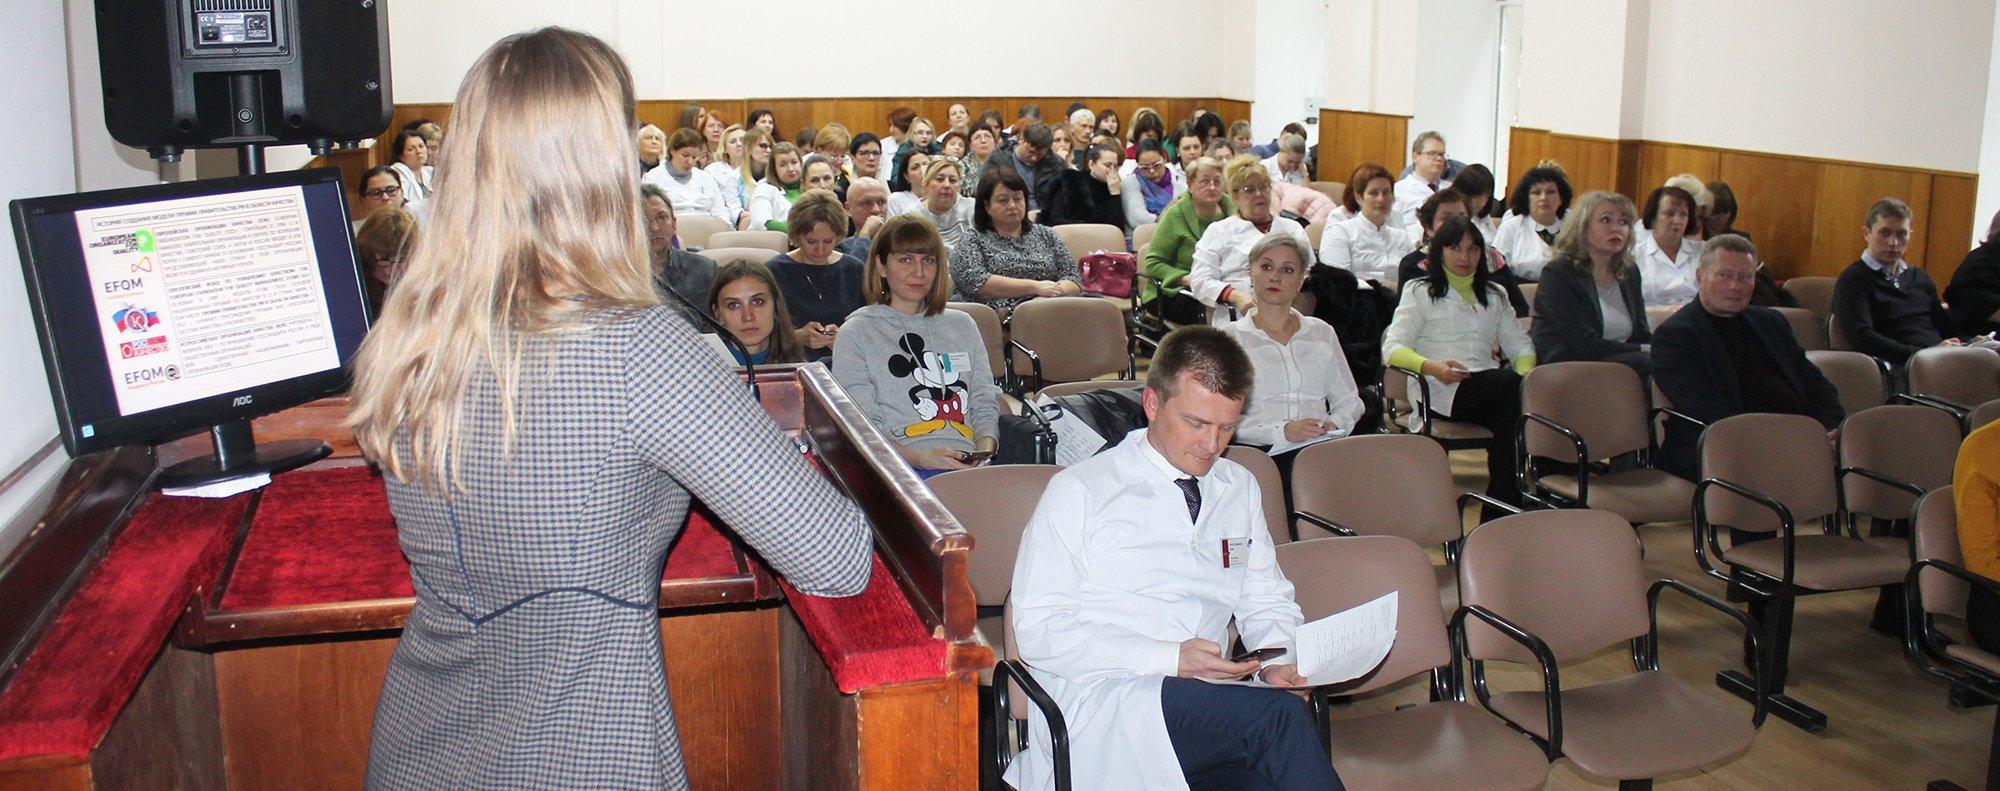 Ассоциацию психиатров, психологов и социальных работников Ставропольского края возглавил Олег Боев